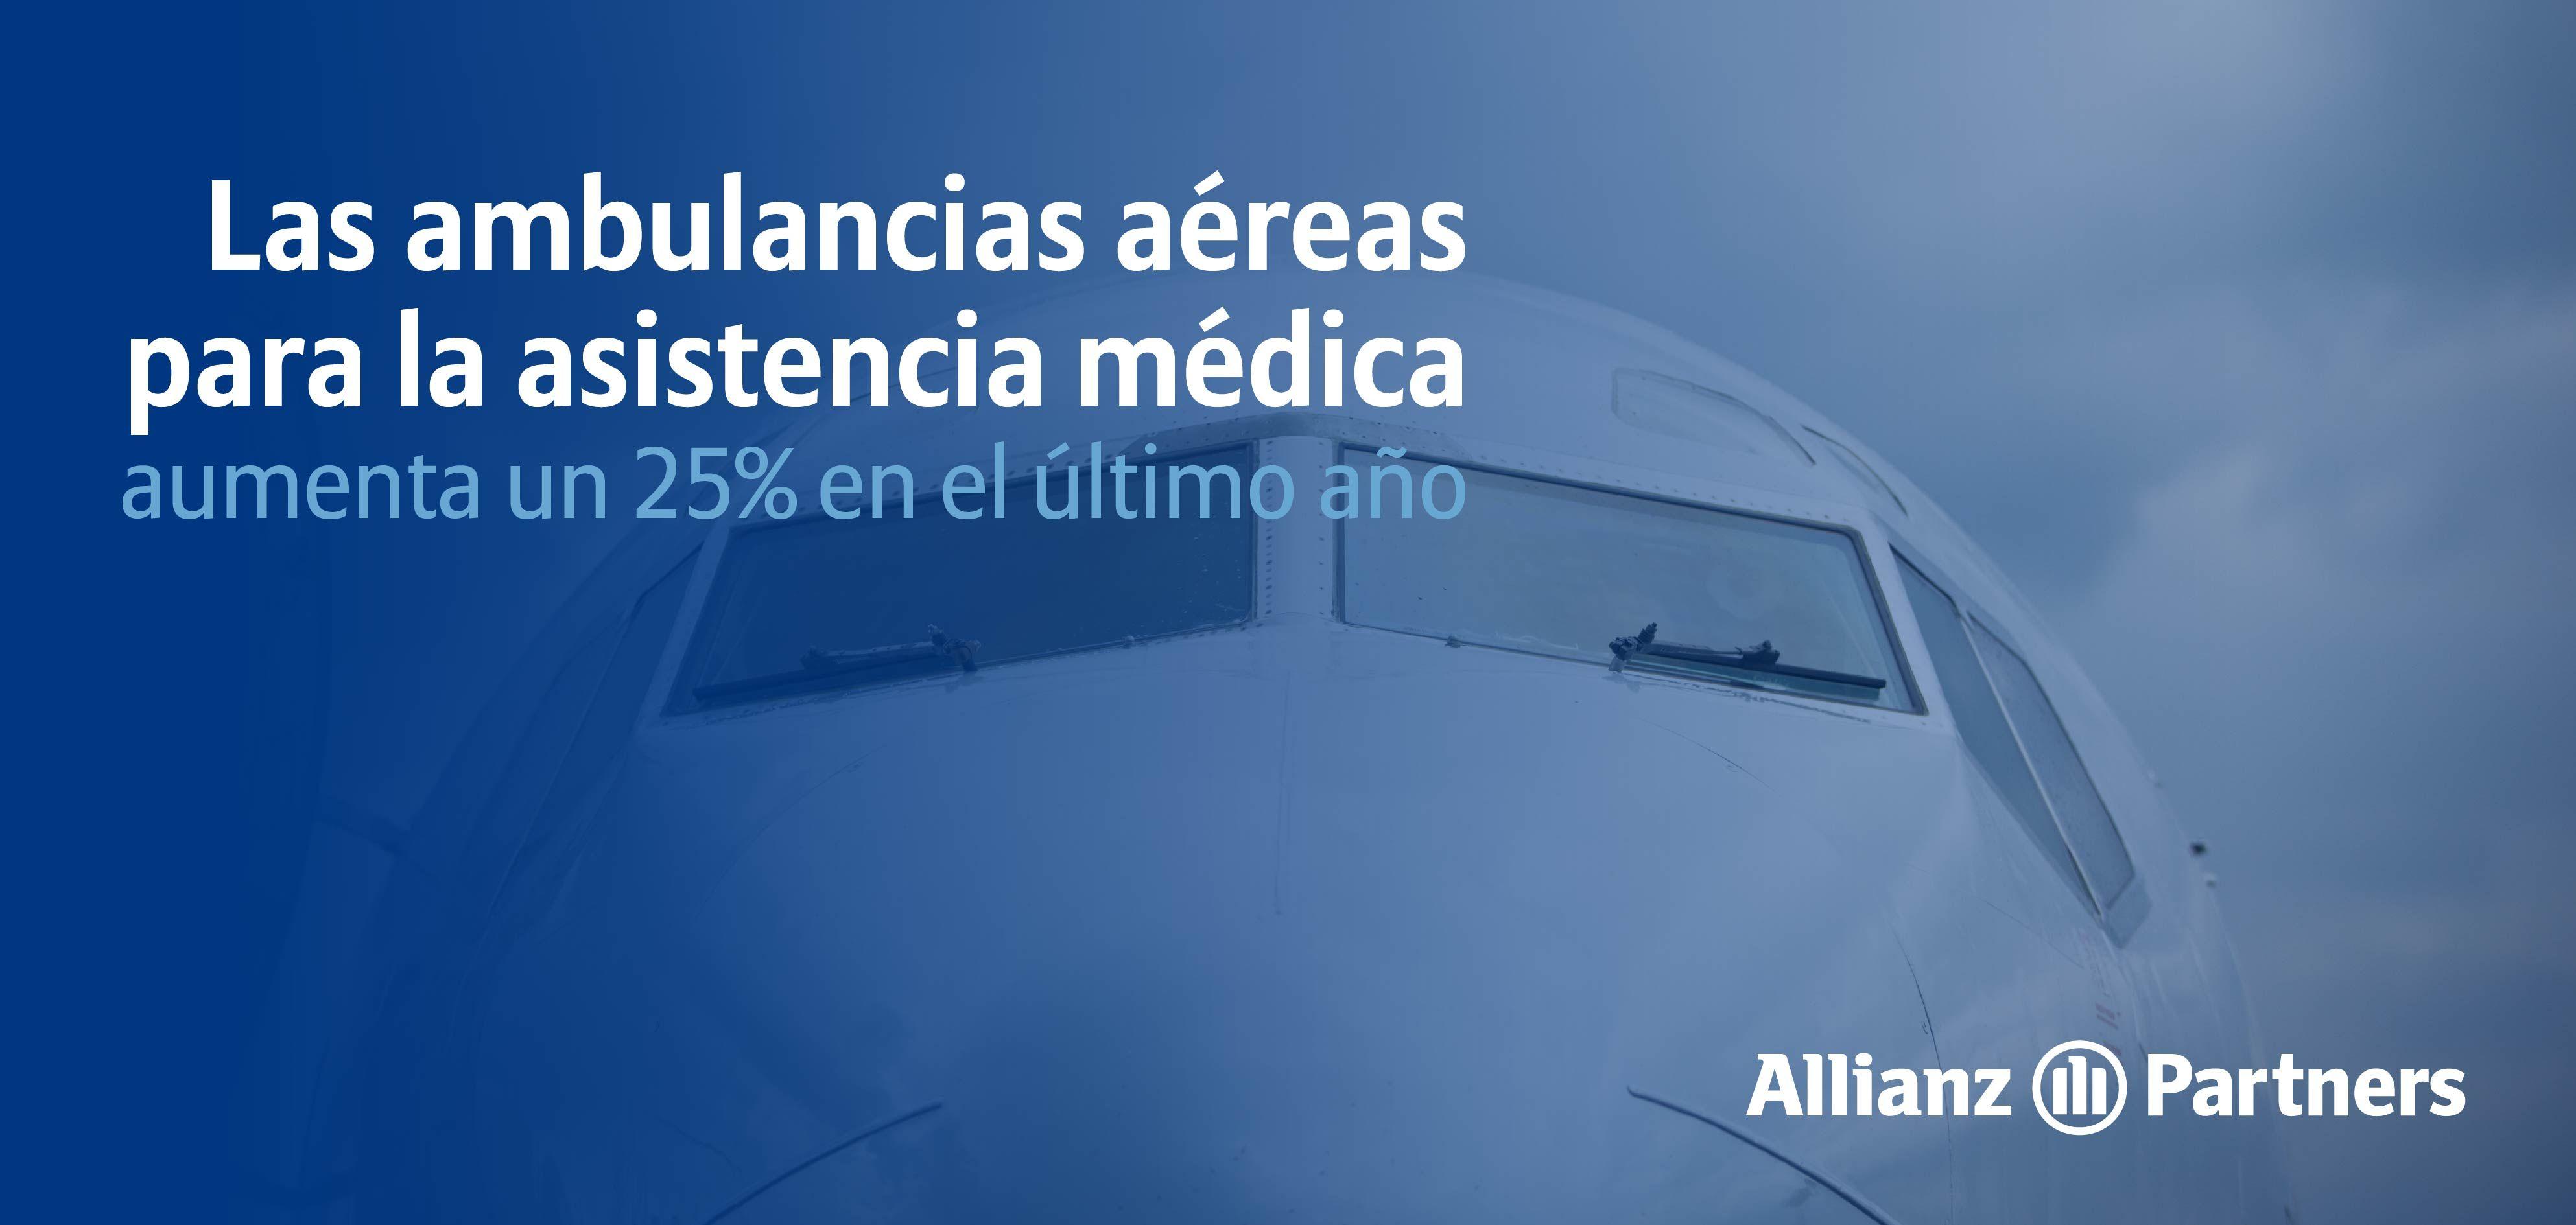 Las ambulancias aéreas para asistencia médica aumentan en un 25% en el último año